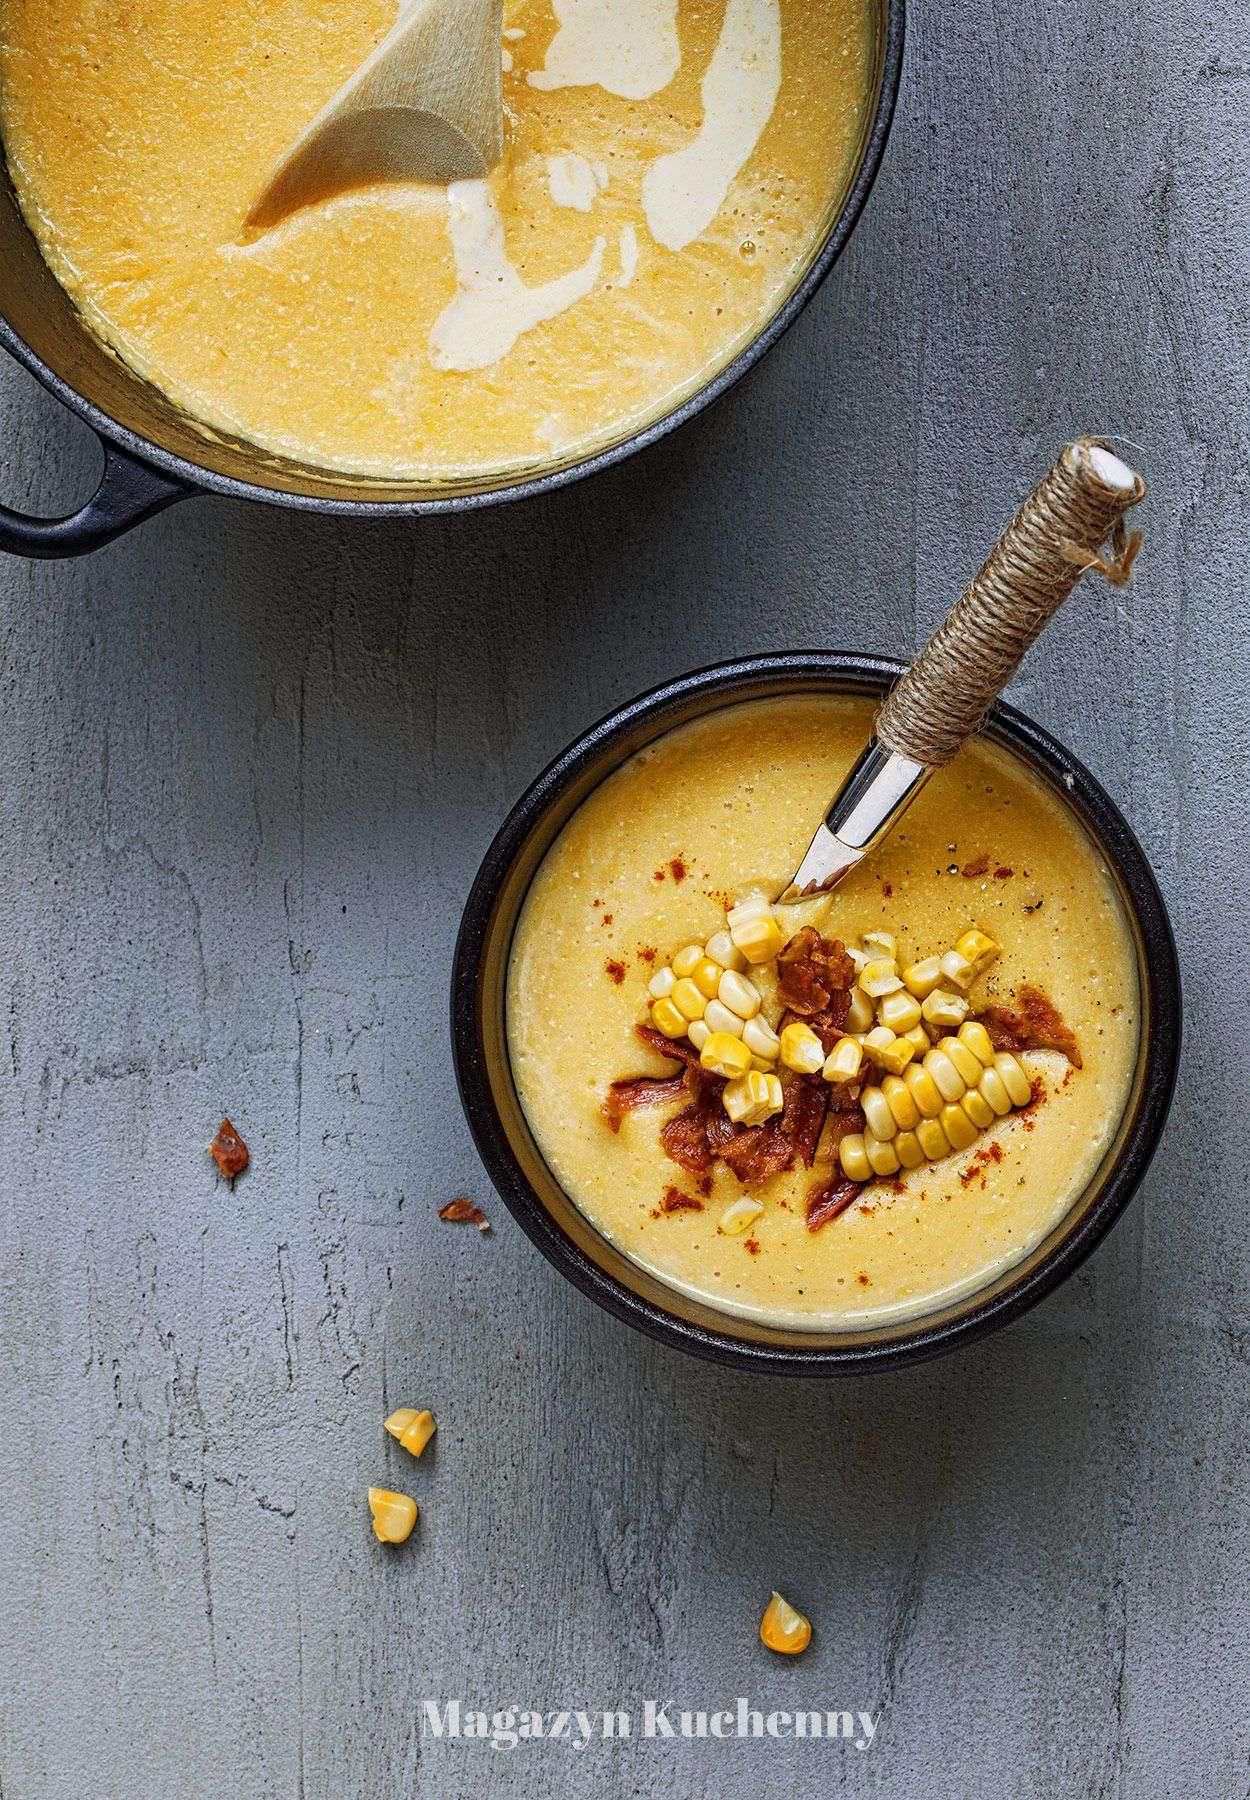 Kremowa zupa z kukurydzy